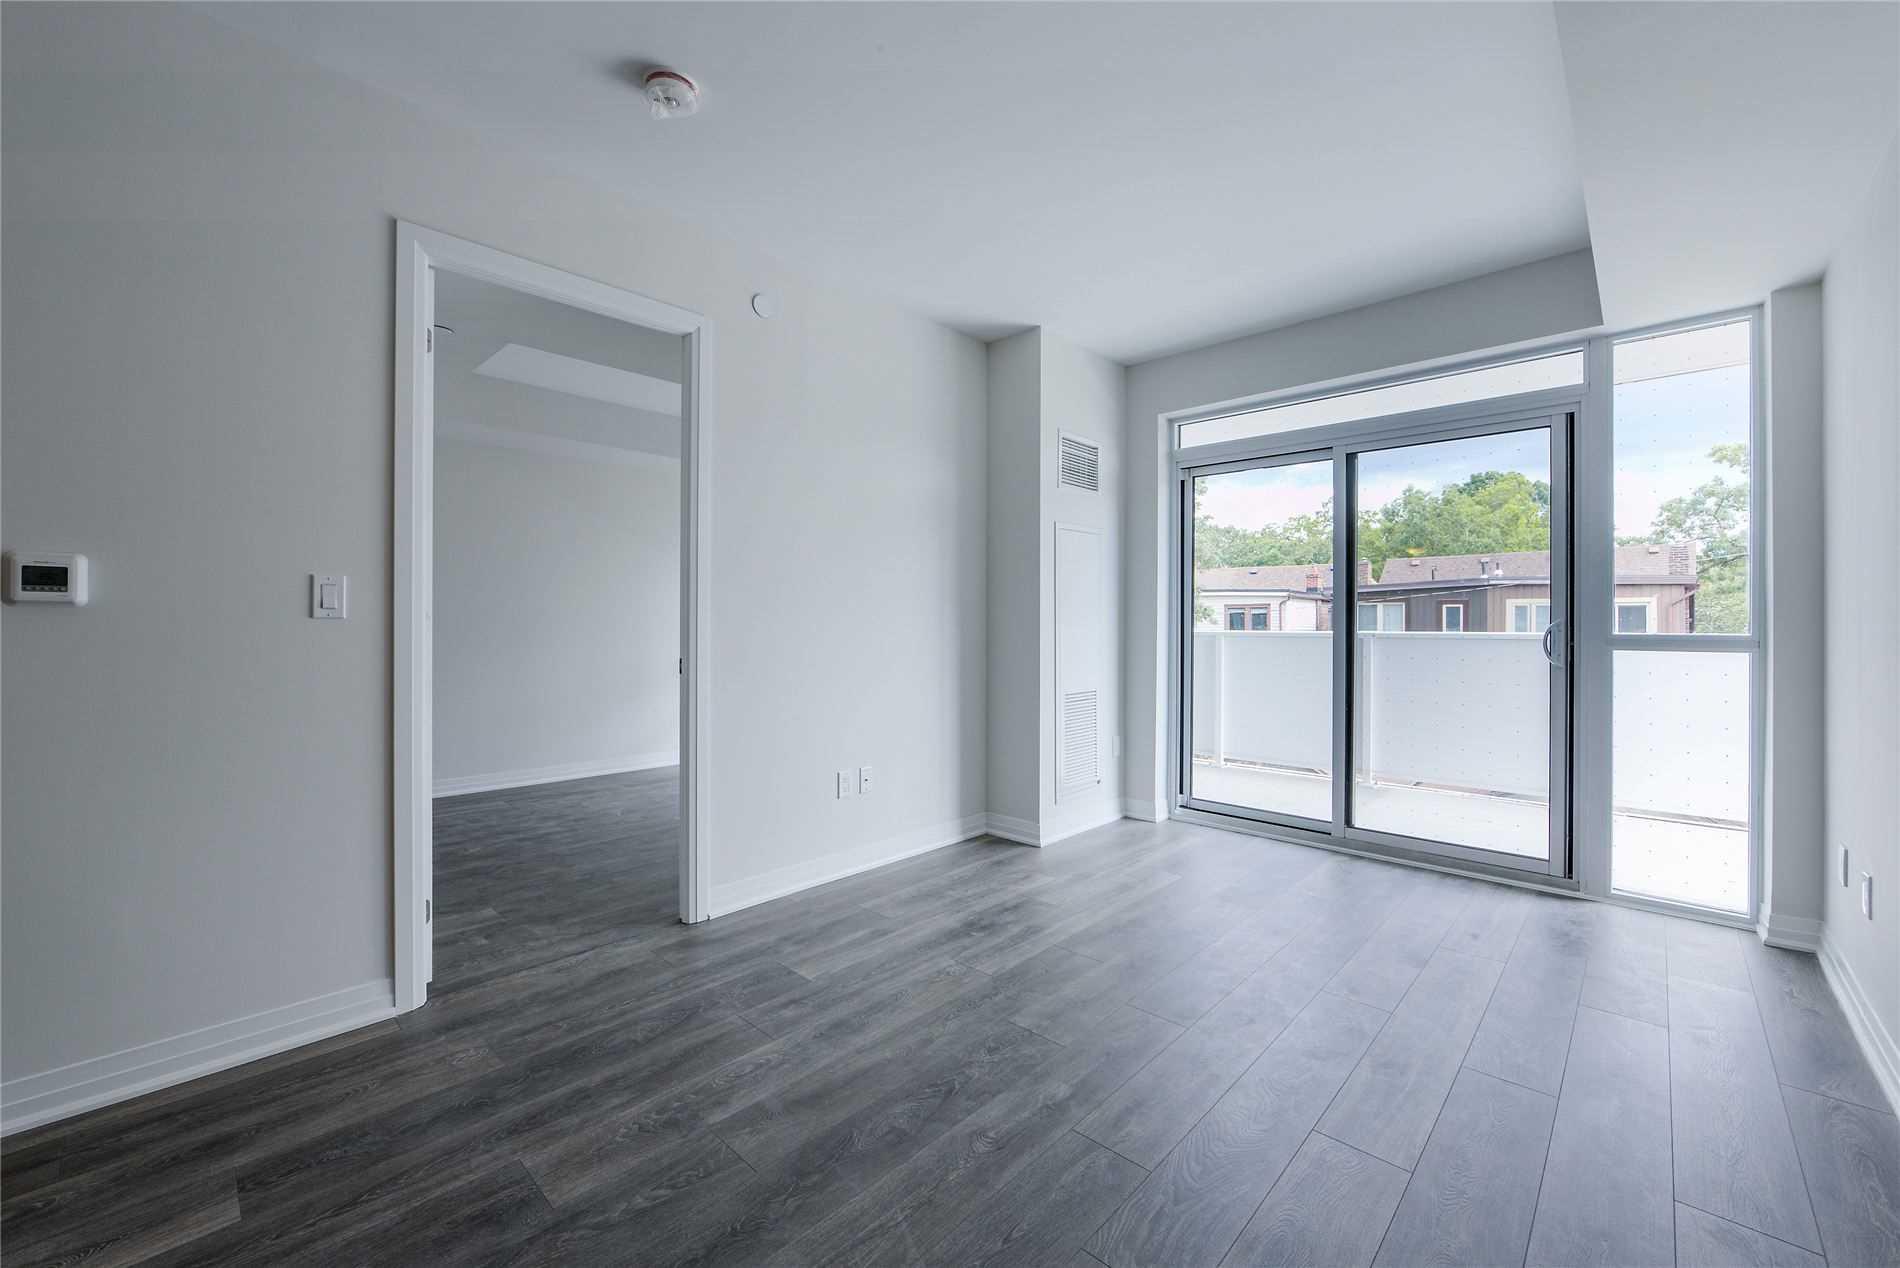 2301 Danforth Avenue, Toronto — For Rent @ $2,050 | Zolo.ca